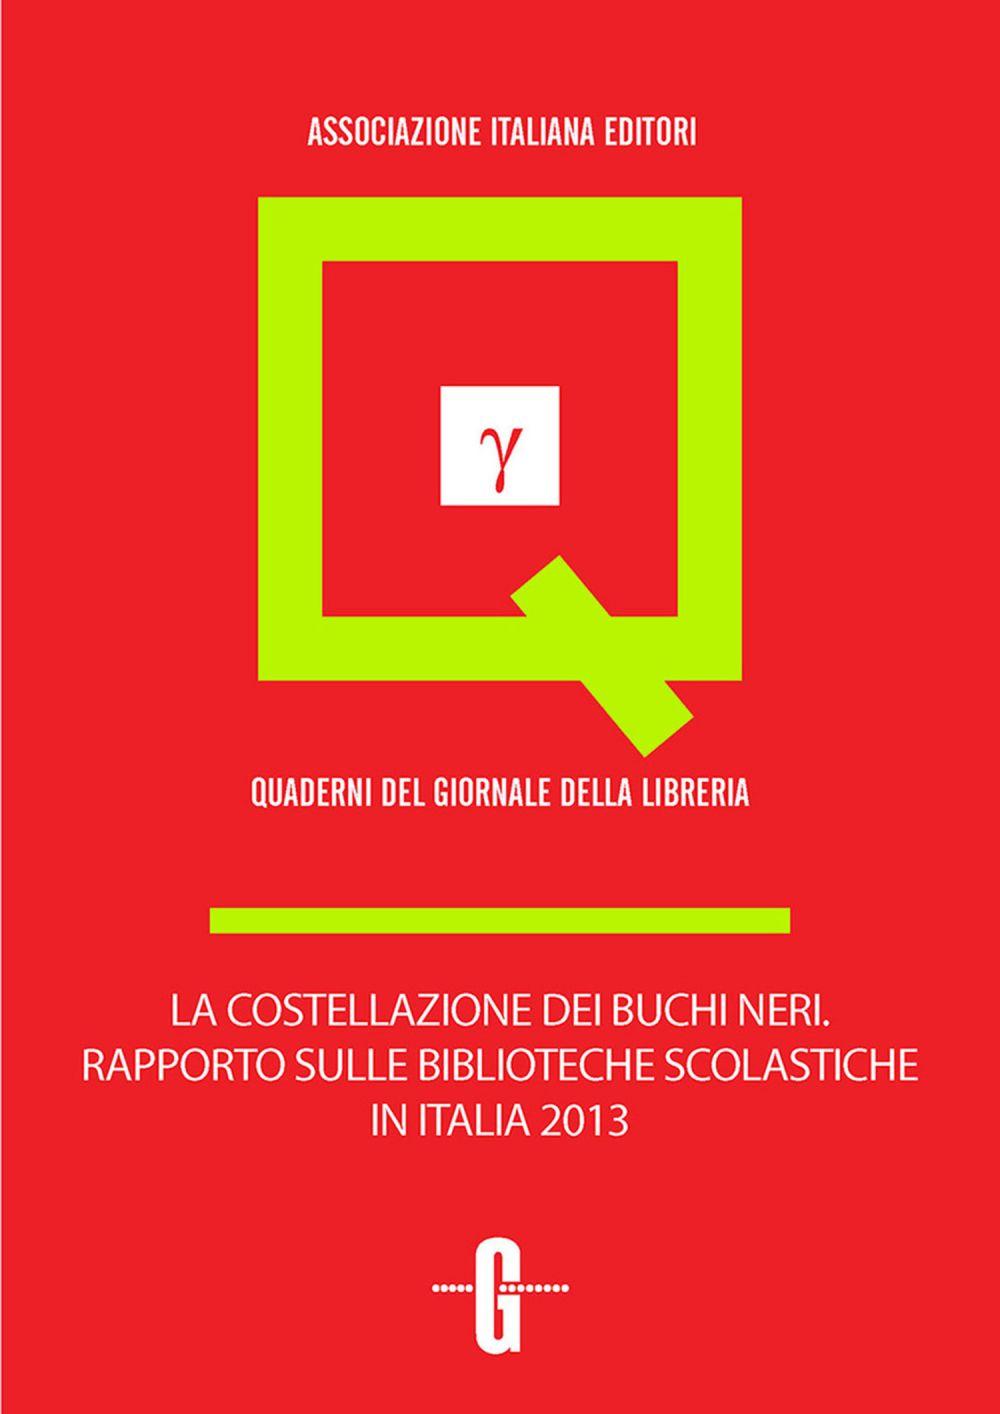 La costellazione dei buchi neri. Rapporto sulle biblioteche scolastiche in Italia 2013